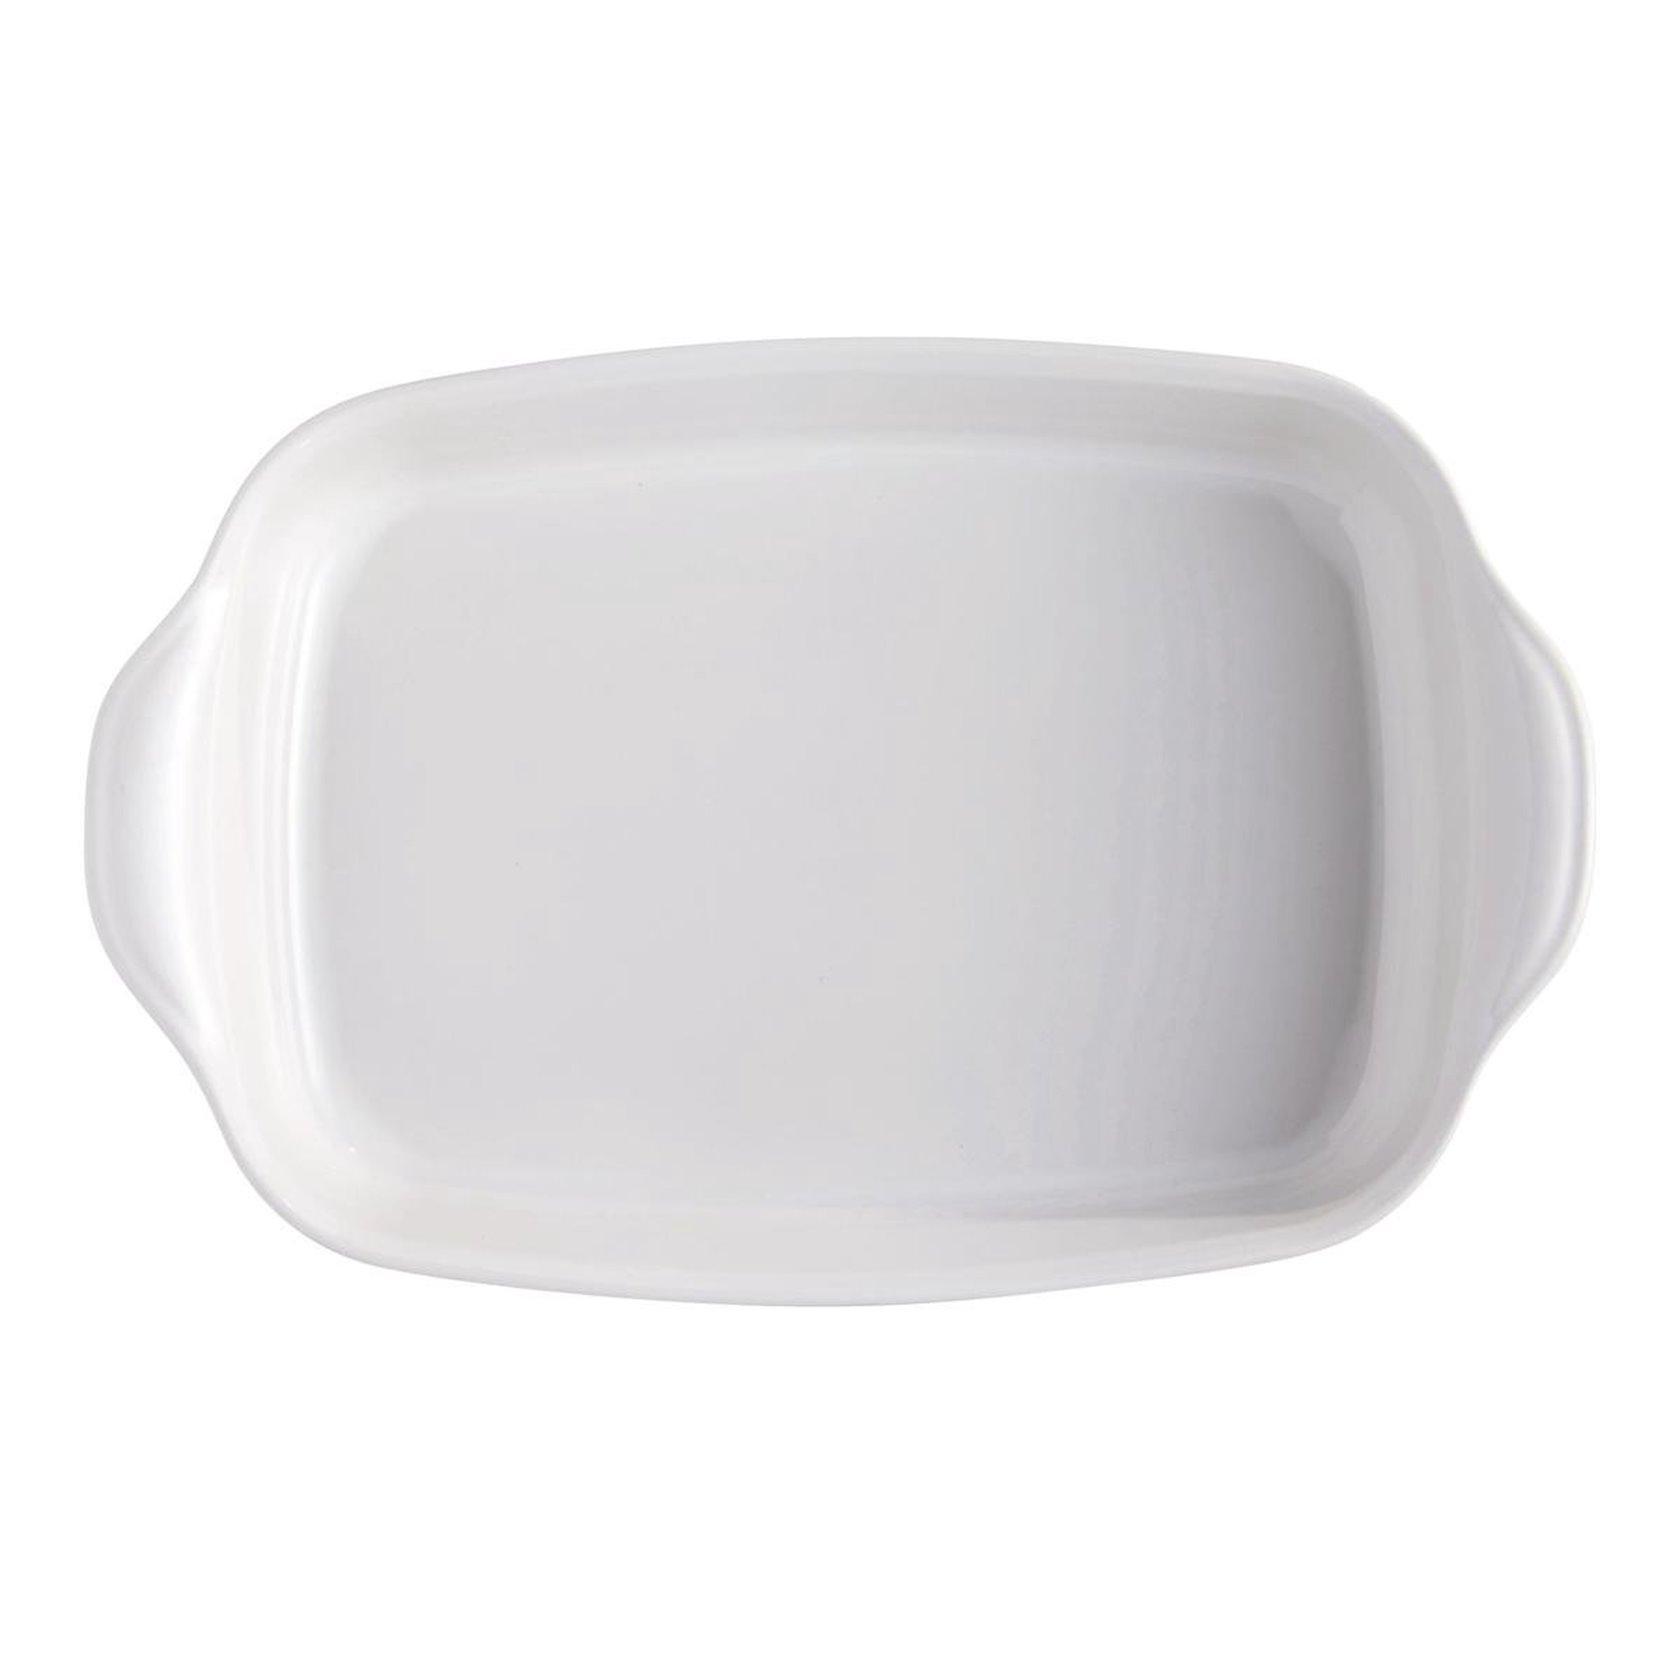 Bişirmə qabı Emile Henry, 42x27 sm, keramika, ağ